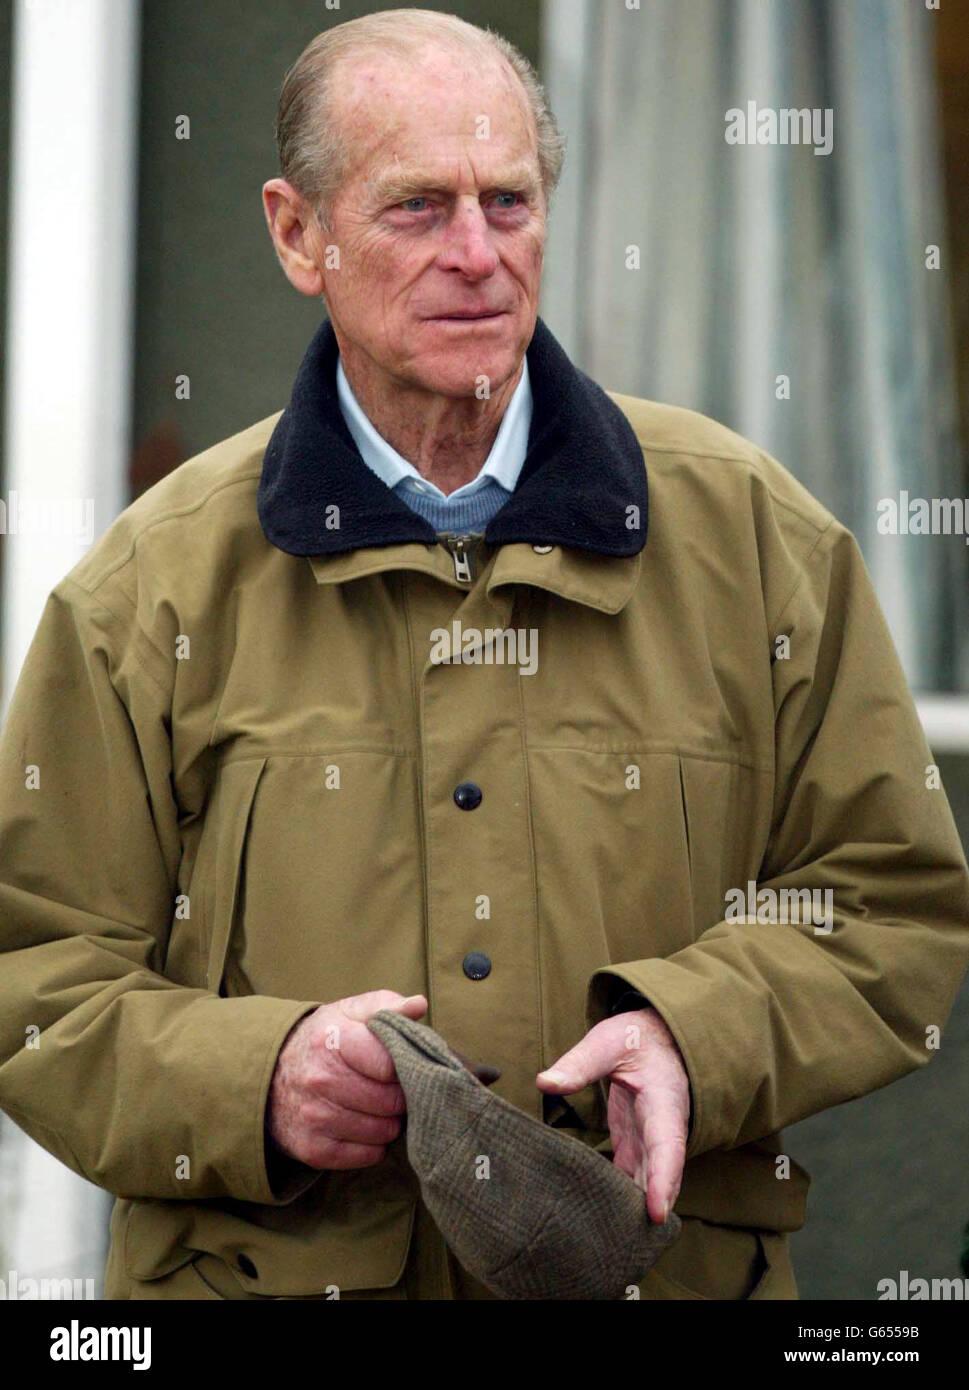 """Le duc d'Édimbourg lors d'une visite à un concours de tir de pigeon d'argile organisé par l'Association britannique de tir et de conservation sur le domaine royal de Sandringham, près de Kings Lynn, Norfolk. *..journaux avait rapporté plus tôt lundi que le duc, 81 ans, portait des yeux noirs et des coupures, mais il est apparu dans de bons esprits comme il a bavardé avec les responsables de l'association et à un moment, a demandé aux reporters """"je regarde malade ?"""" * 21/02/2003: Le duc d'Édimbourg qui a ouvert, vendredi 21 février 2003, une unité scientifique de 7 millions à l'Université York où des médicaments anticancéreux novateurs sont mis au point. Le Banque D'Images"""